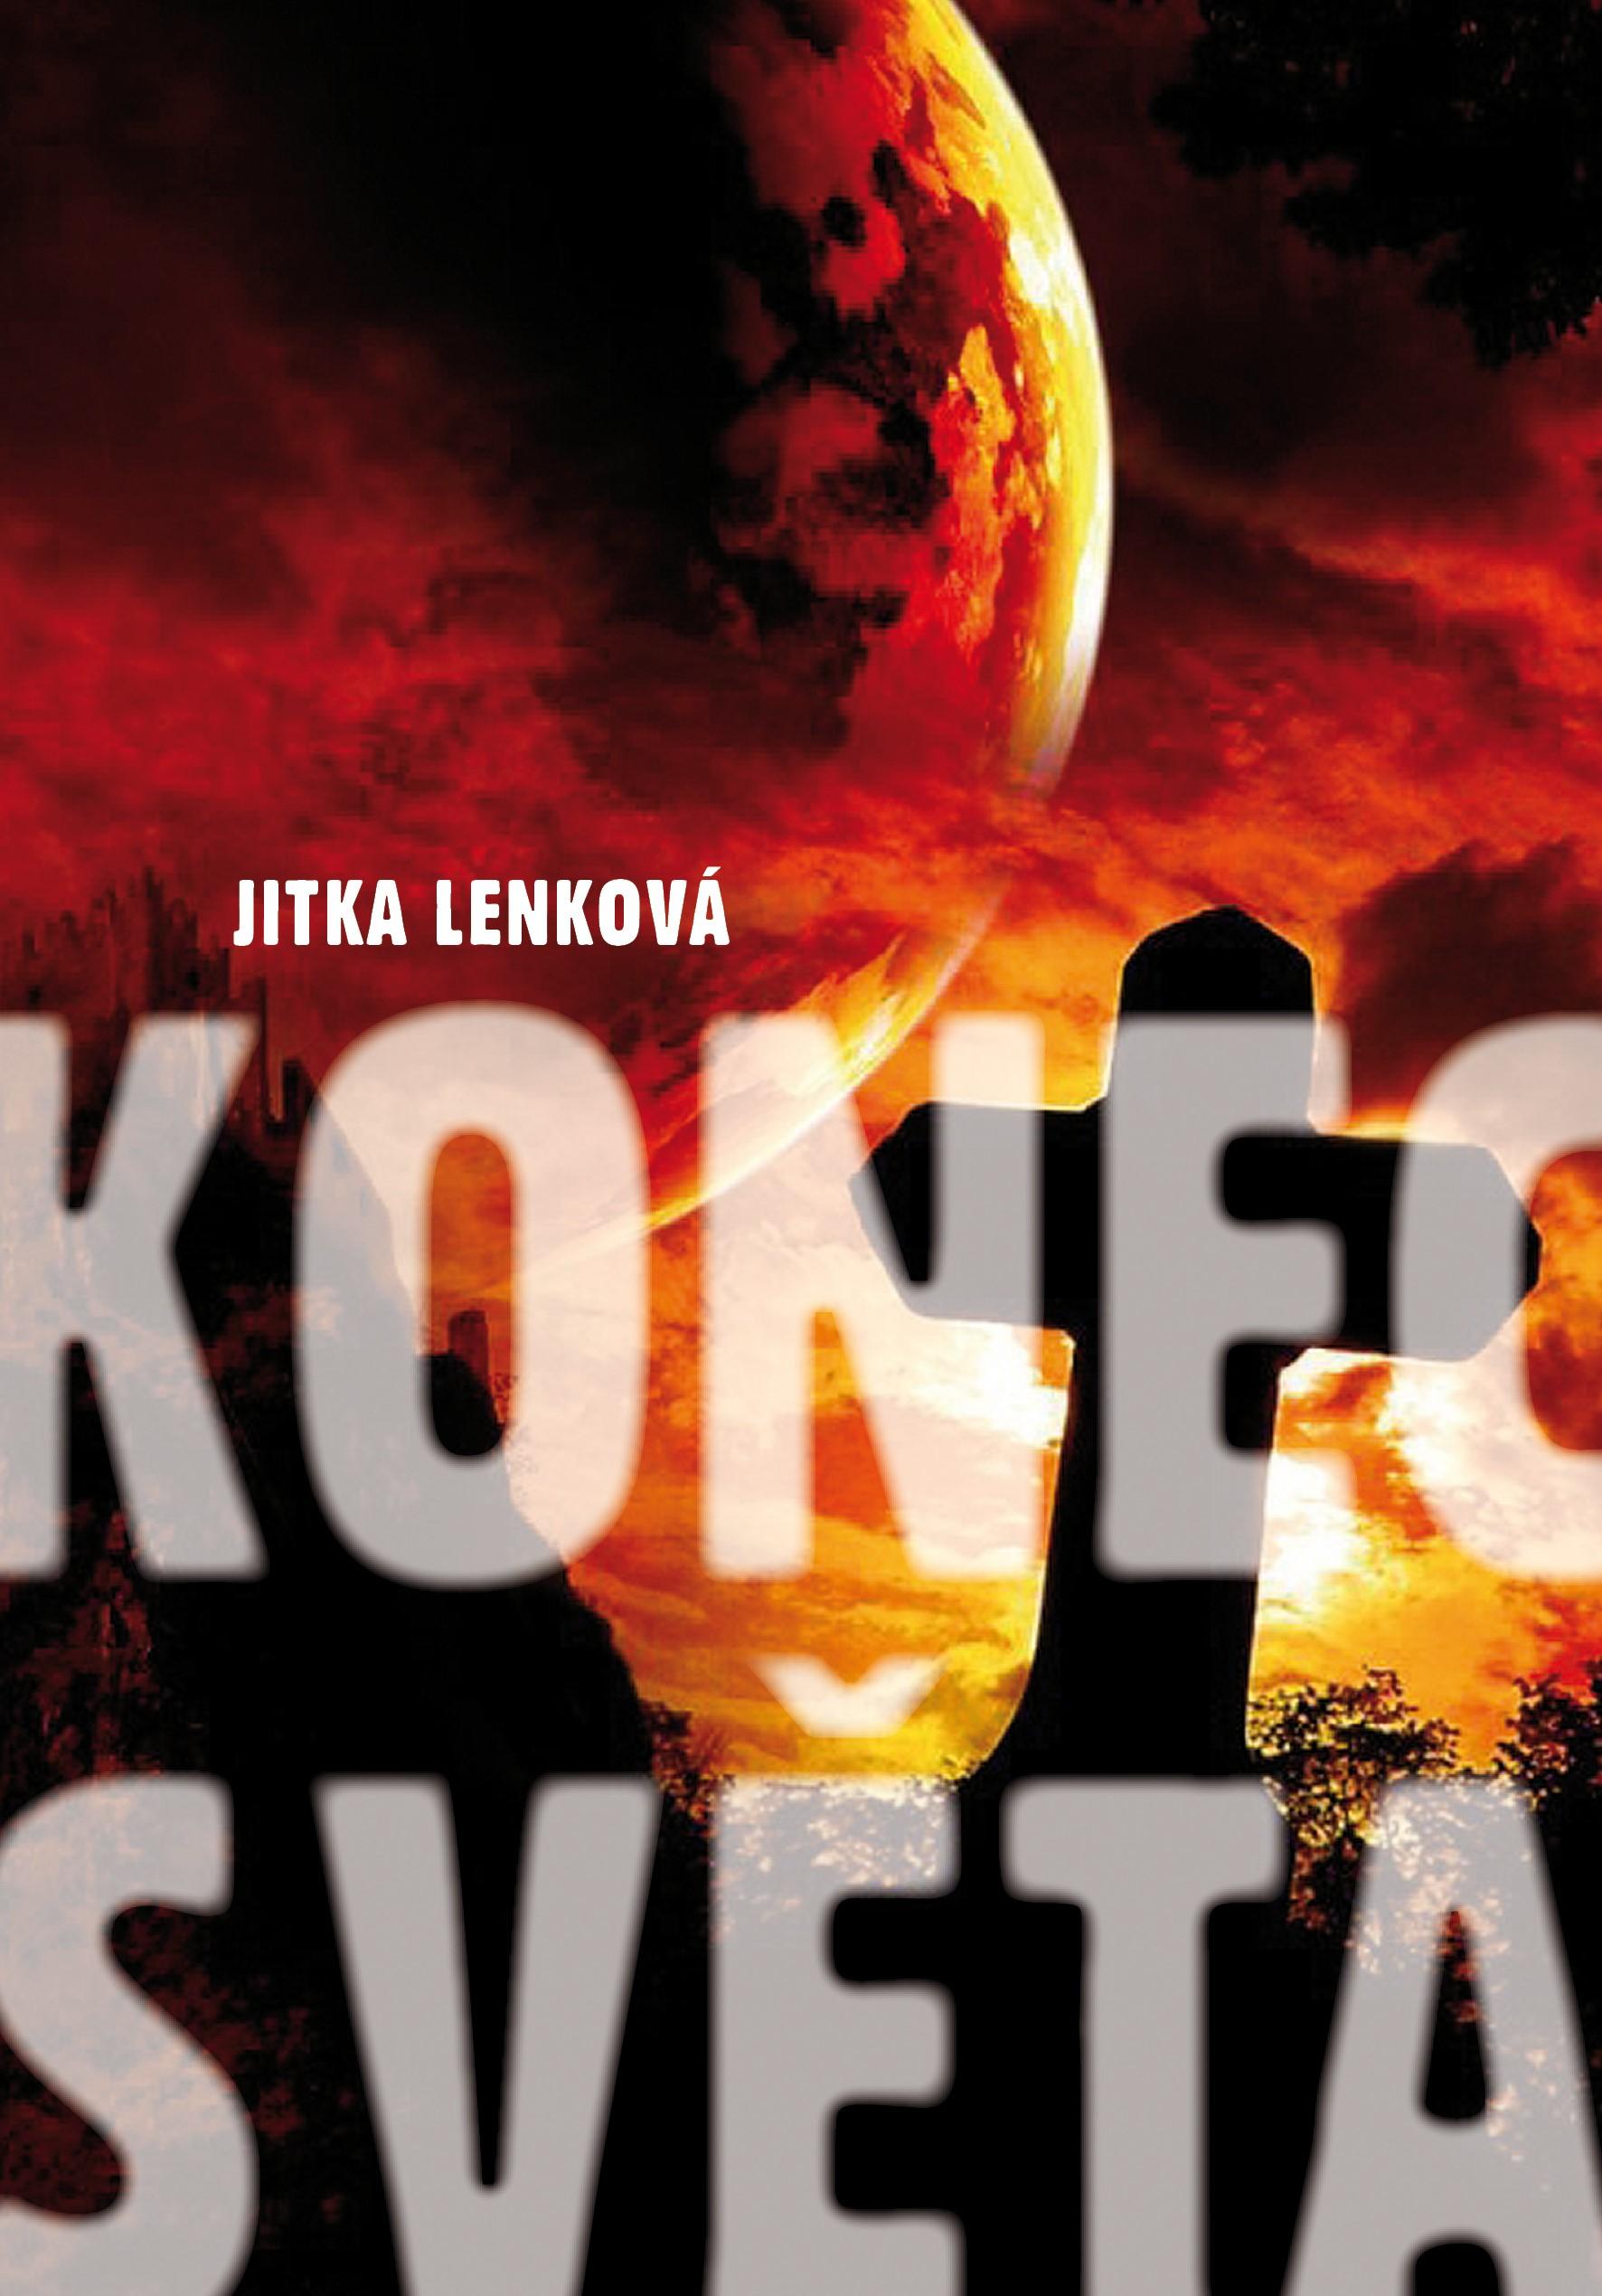 Konec světa | Jitka Lenková